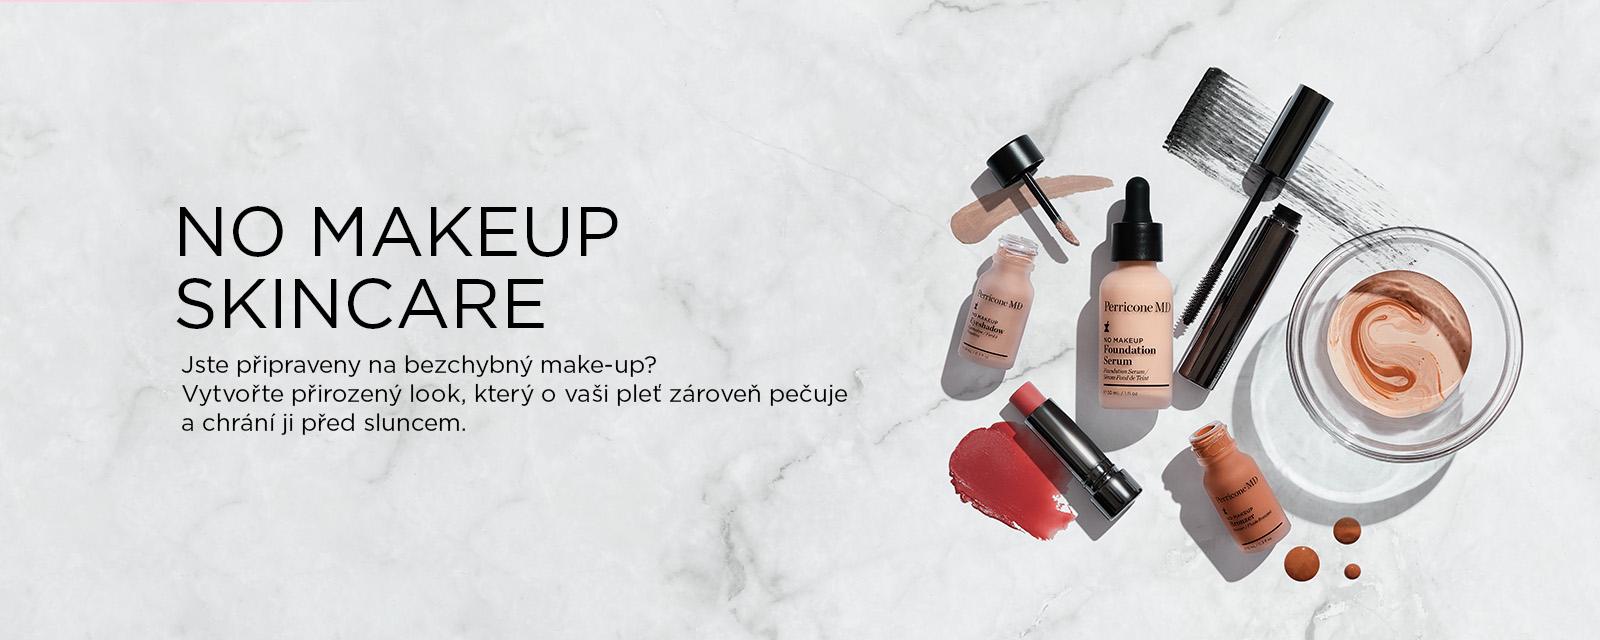 No Make up skincare